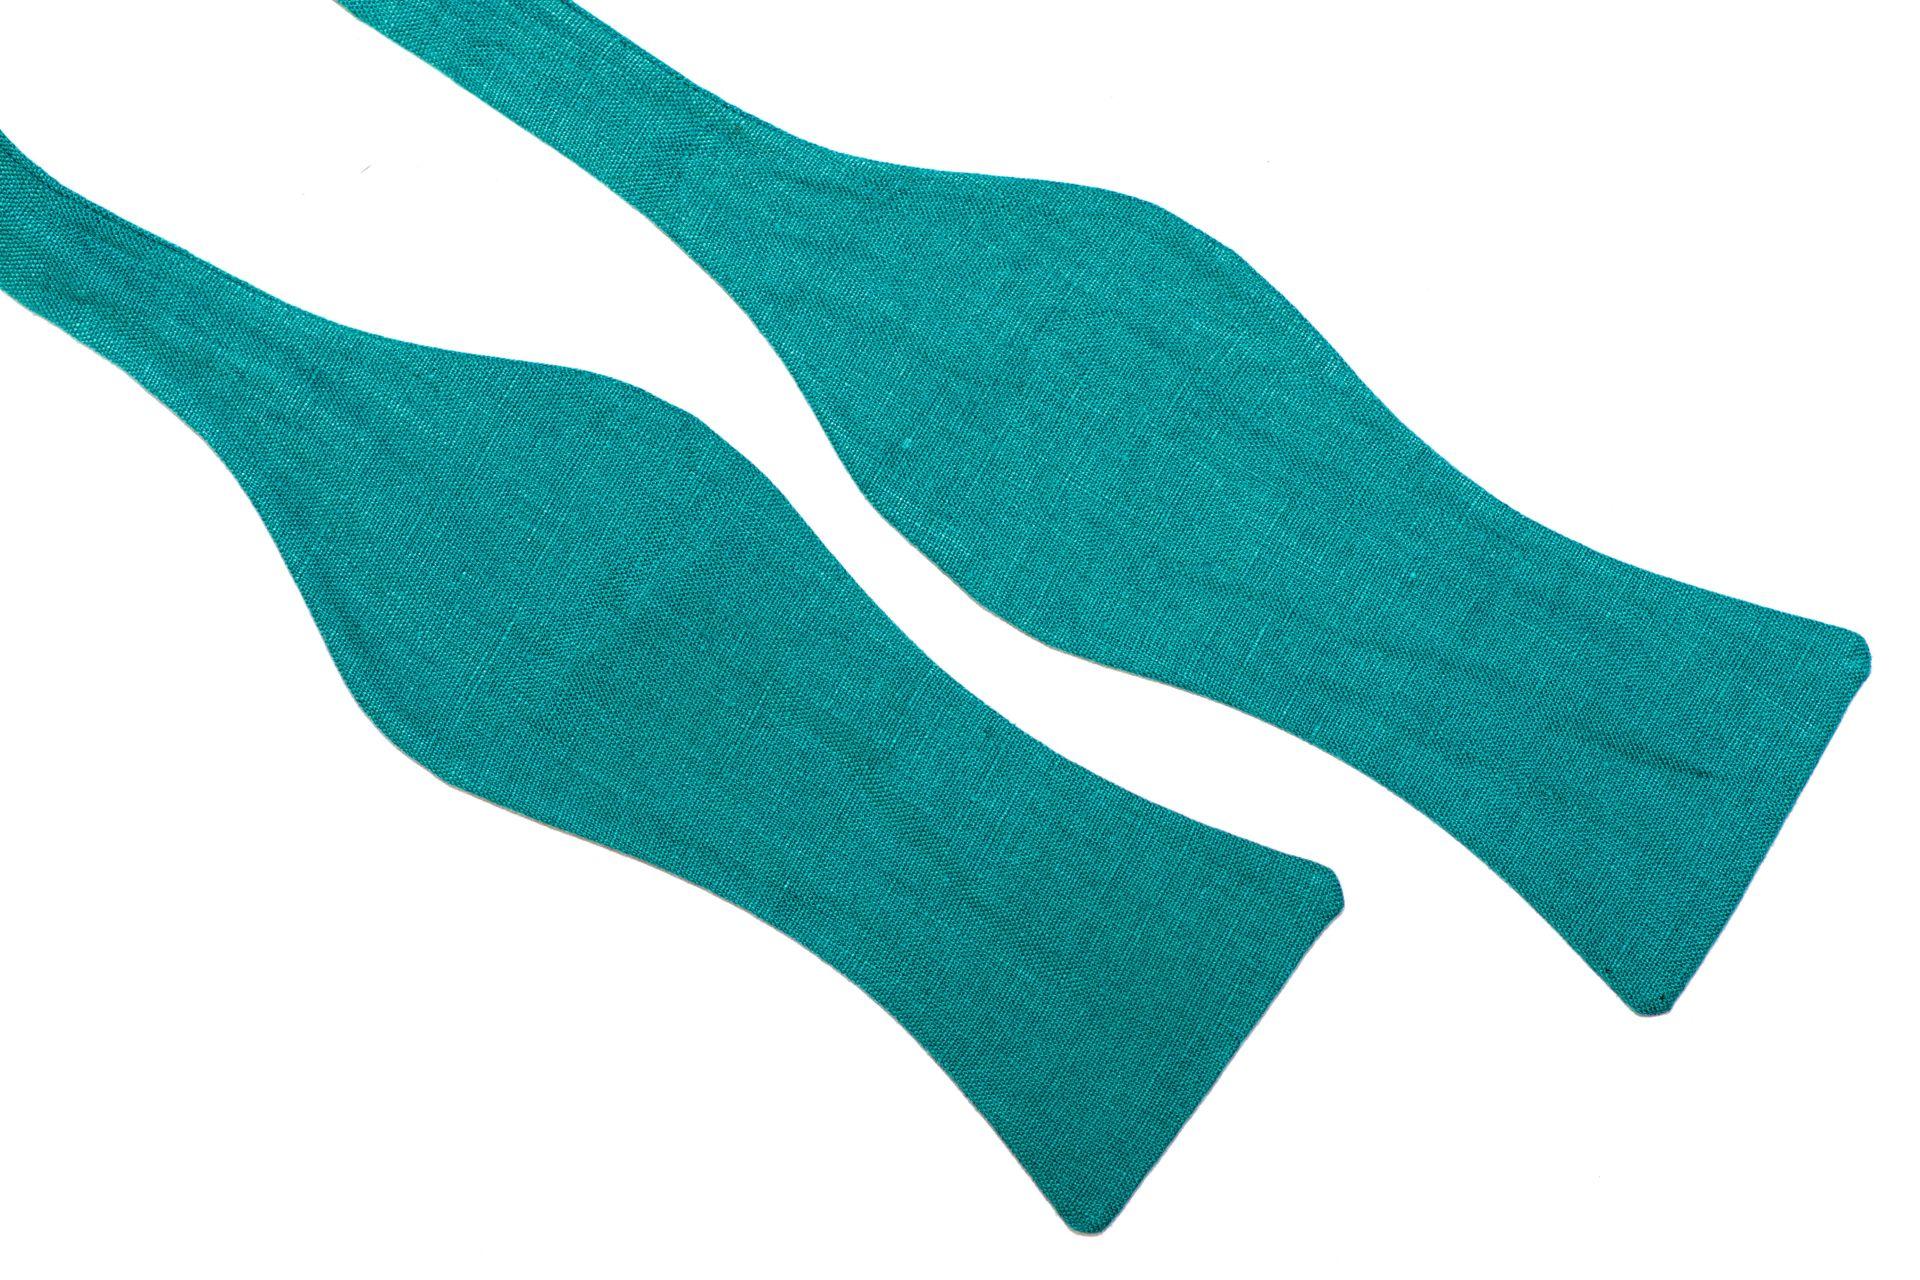 Herren Anzug Fliege türkis blau zum selbstbinden